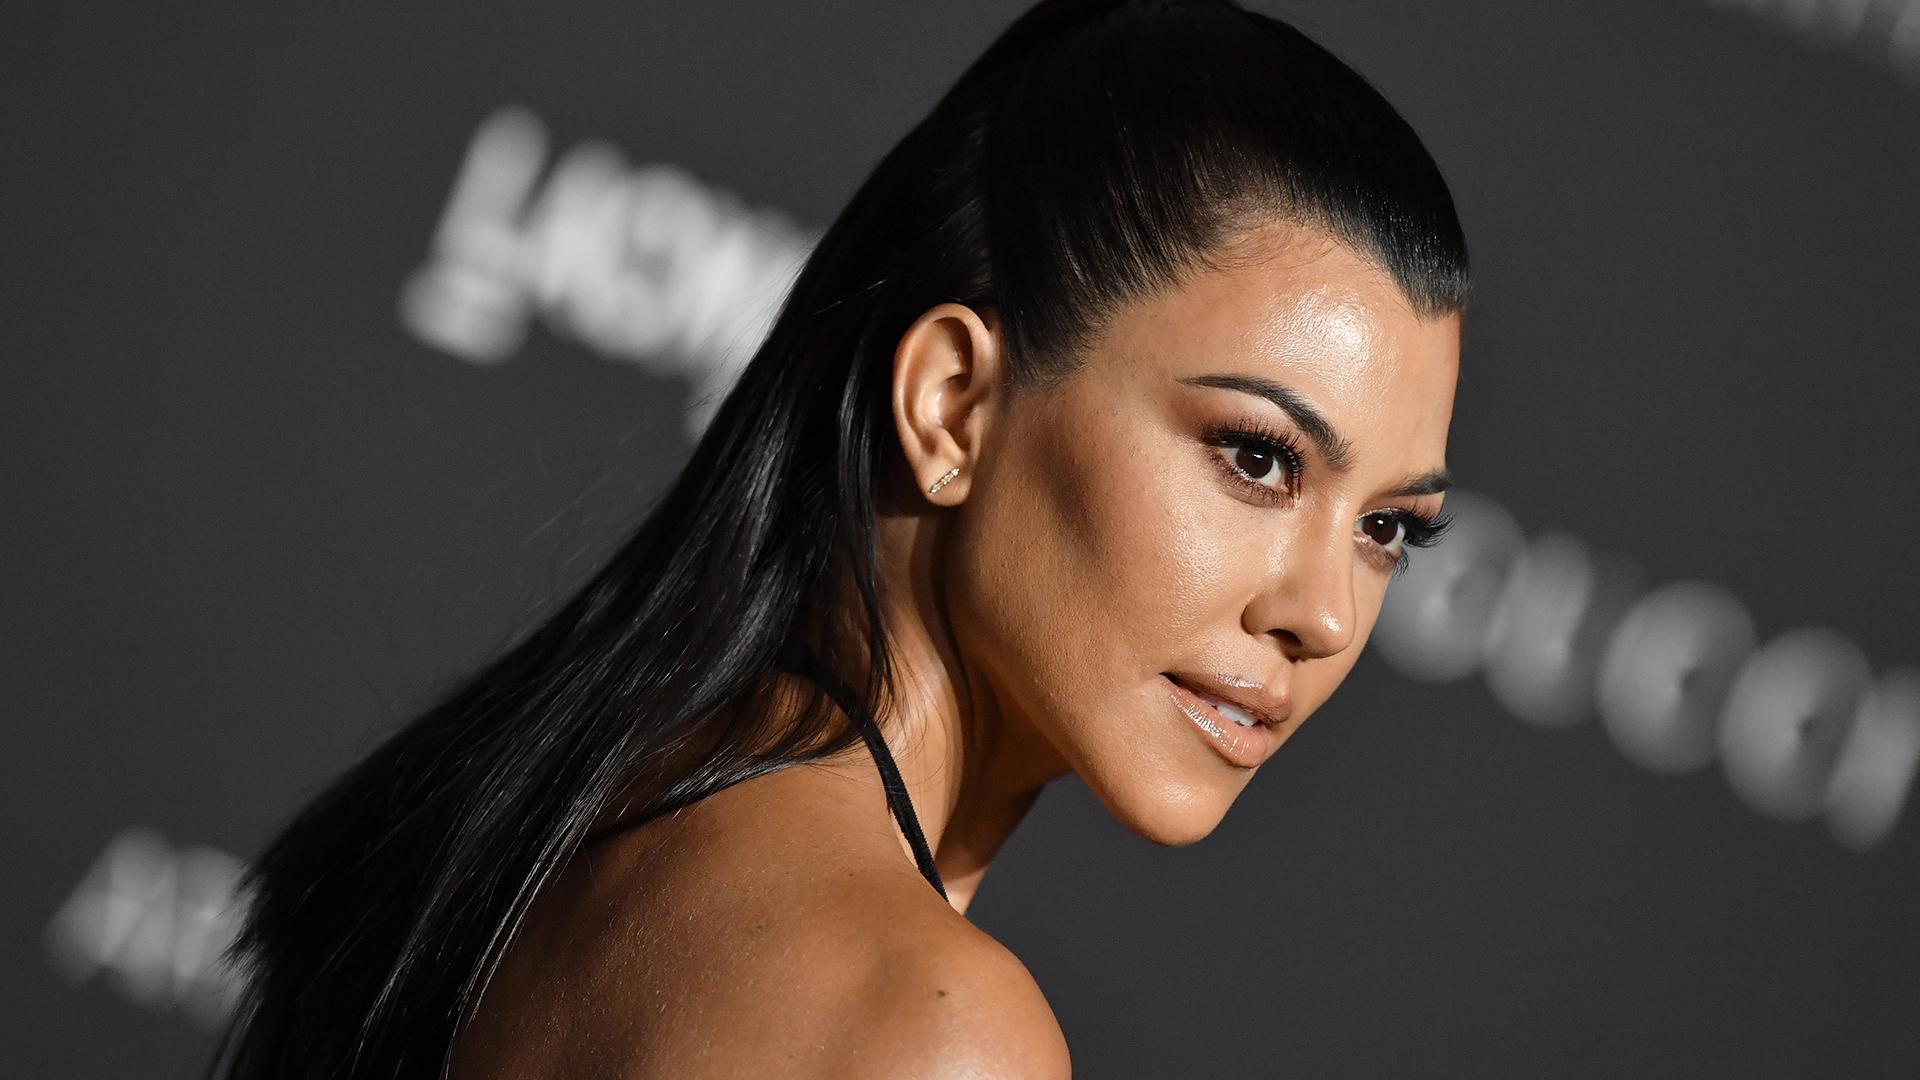 Kourtney Kardashian's Ex Younes Bendjima Attended Her 40thBirthday Party